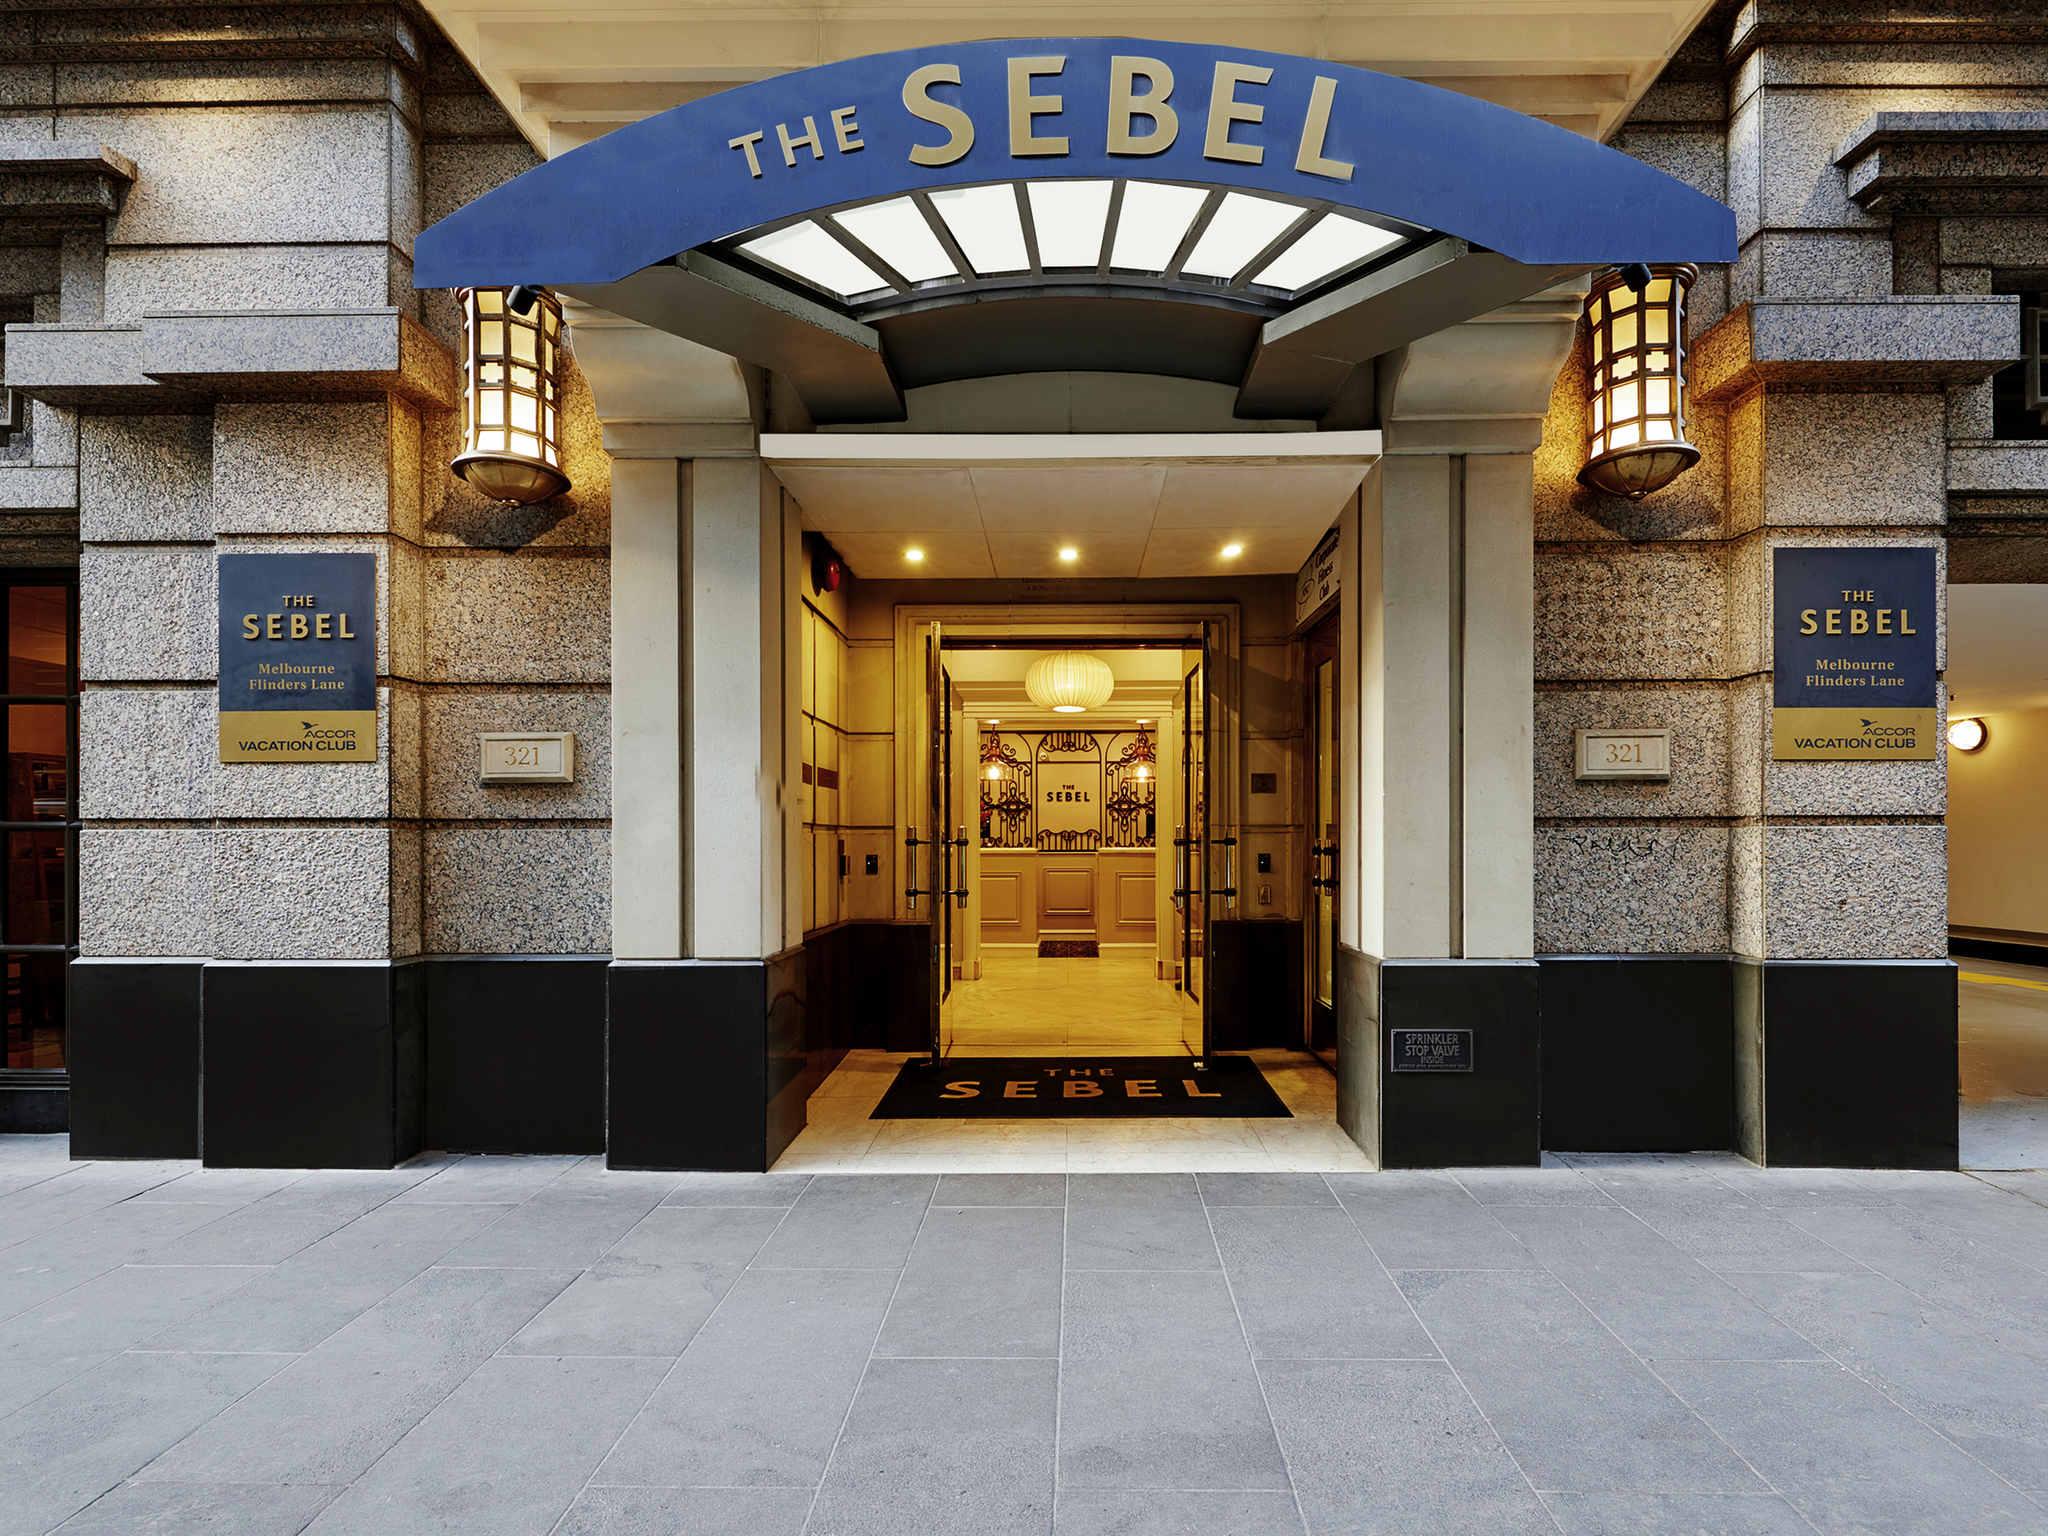 Hotel The Sebel Melbourne Flinders Lane